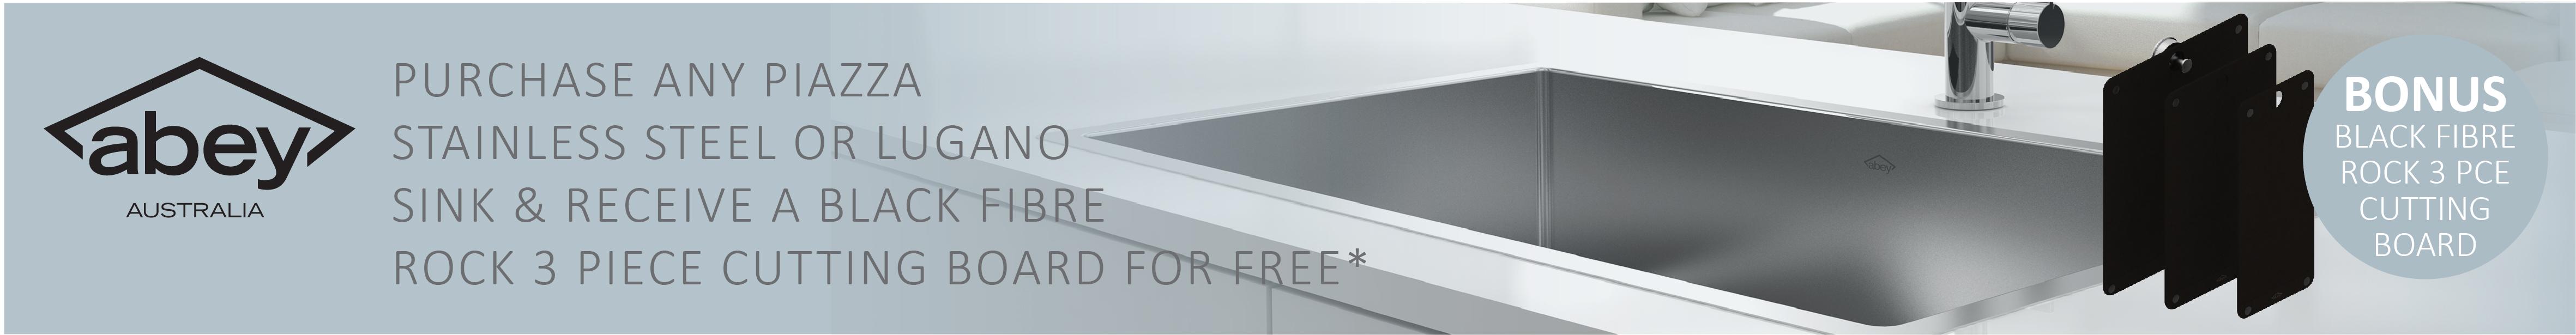 abey0421-piazza-lugano-webbanner-400x52-rd.jpg